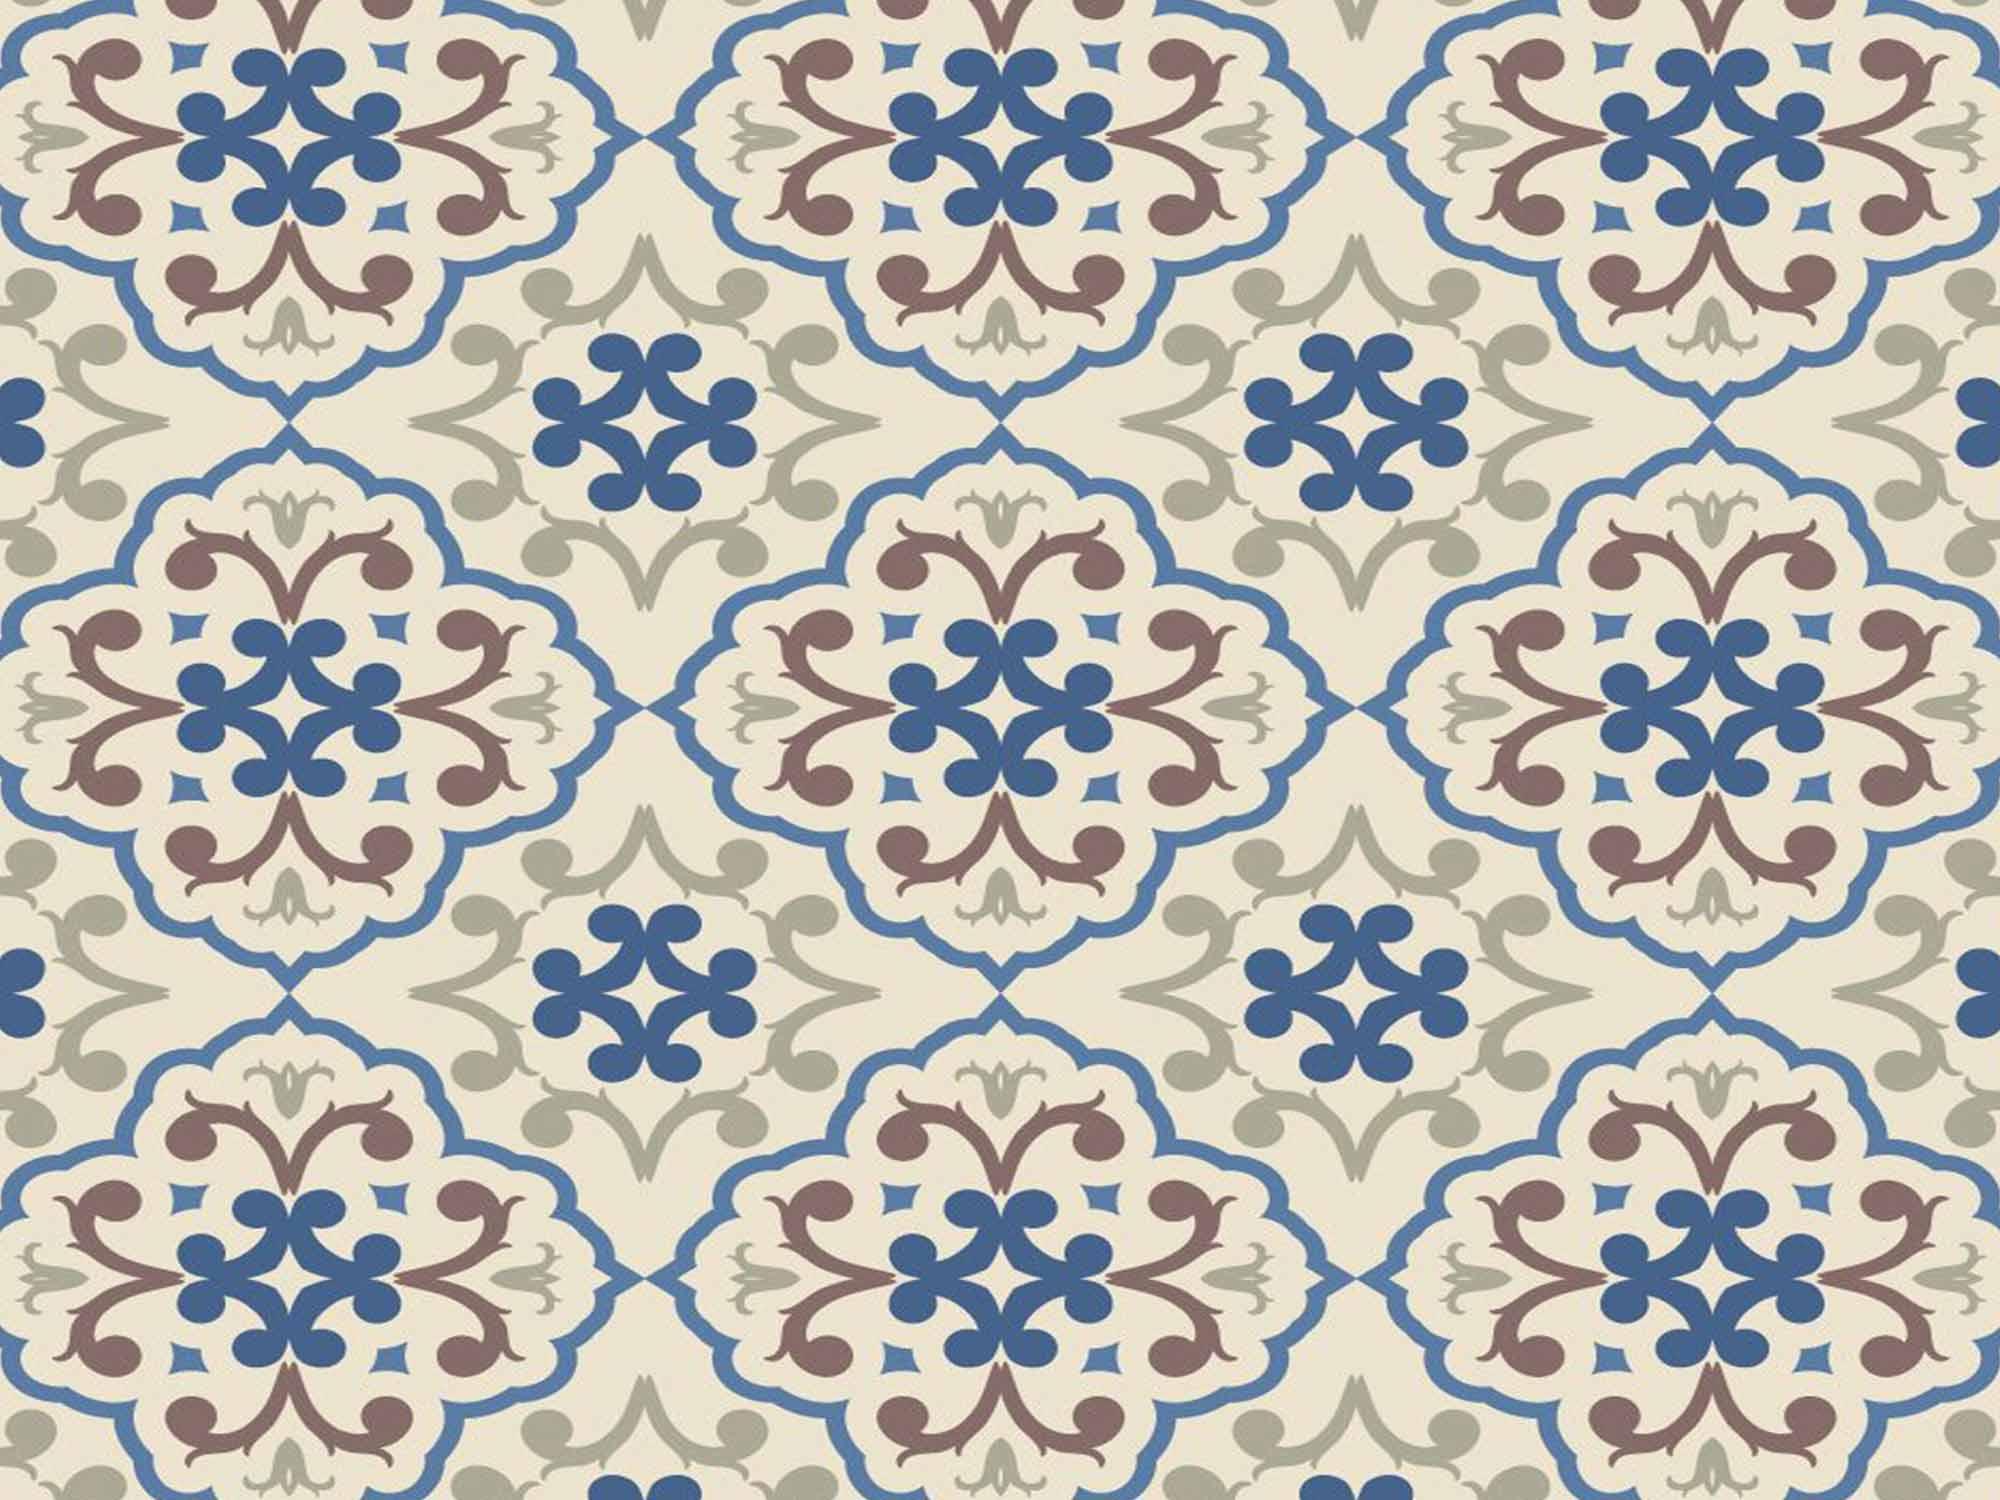 Papel de Parede para Cozinha Azulejos 0021 - Adesivos de Parede  - Paredes Decoradas